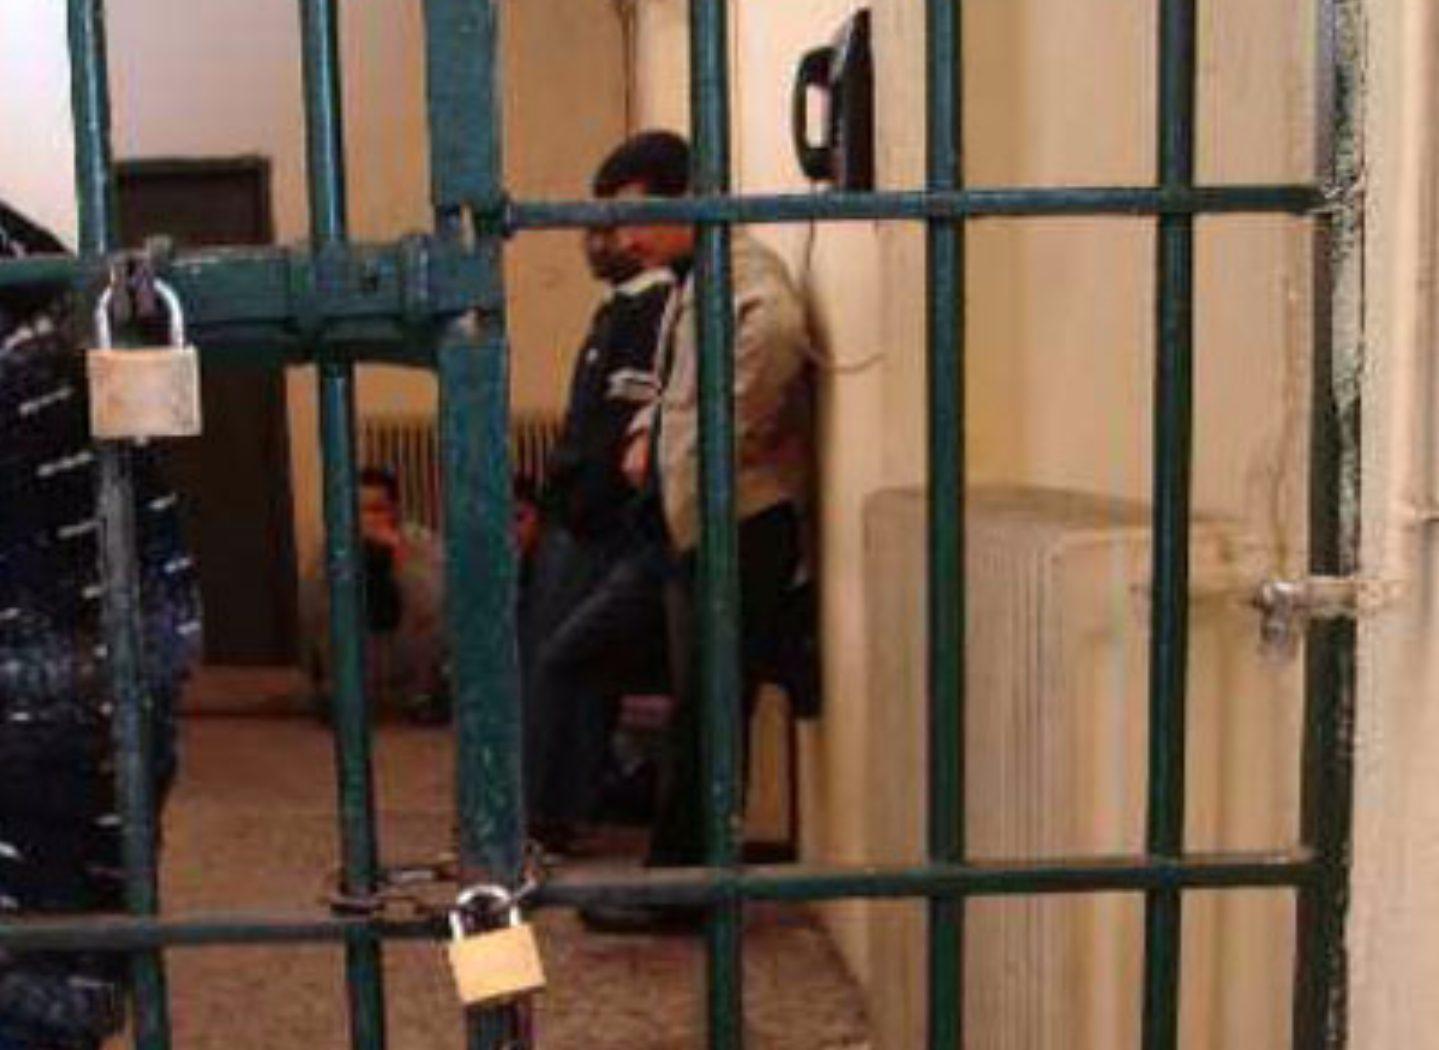 Απόδραση από το Μεταγωγών – Συνελήφθη στο Βοτανικό ο δεύτερο δραπέτης